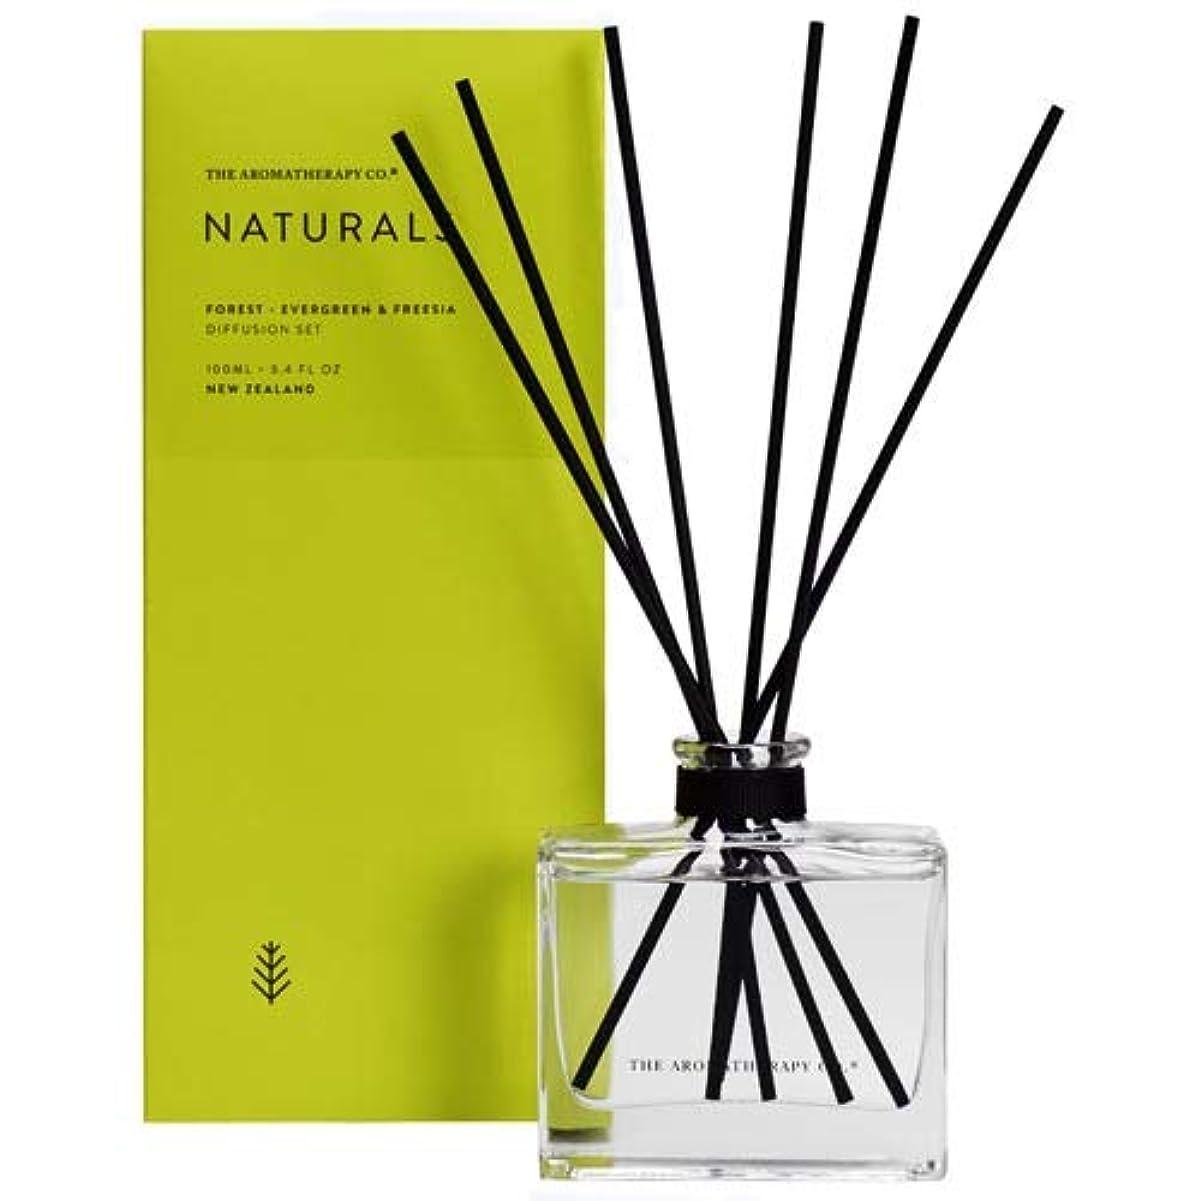 インカ帝国技術メニューnew NATURALS ナチュラルズ Diffusion Stick ディフュージョンスティック Forest フォレスト(森林)Evergreen & Freesia エバーグリーン&フリージア